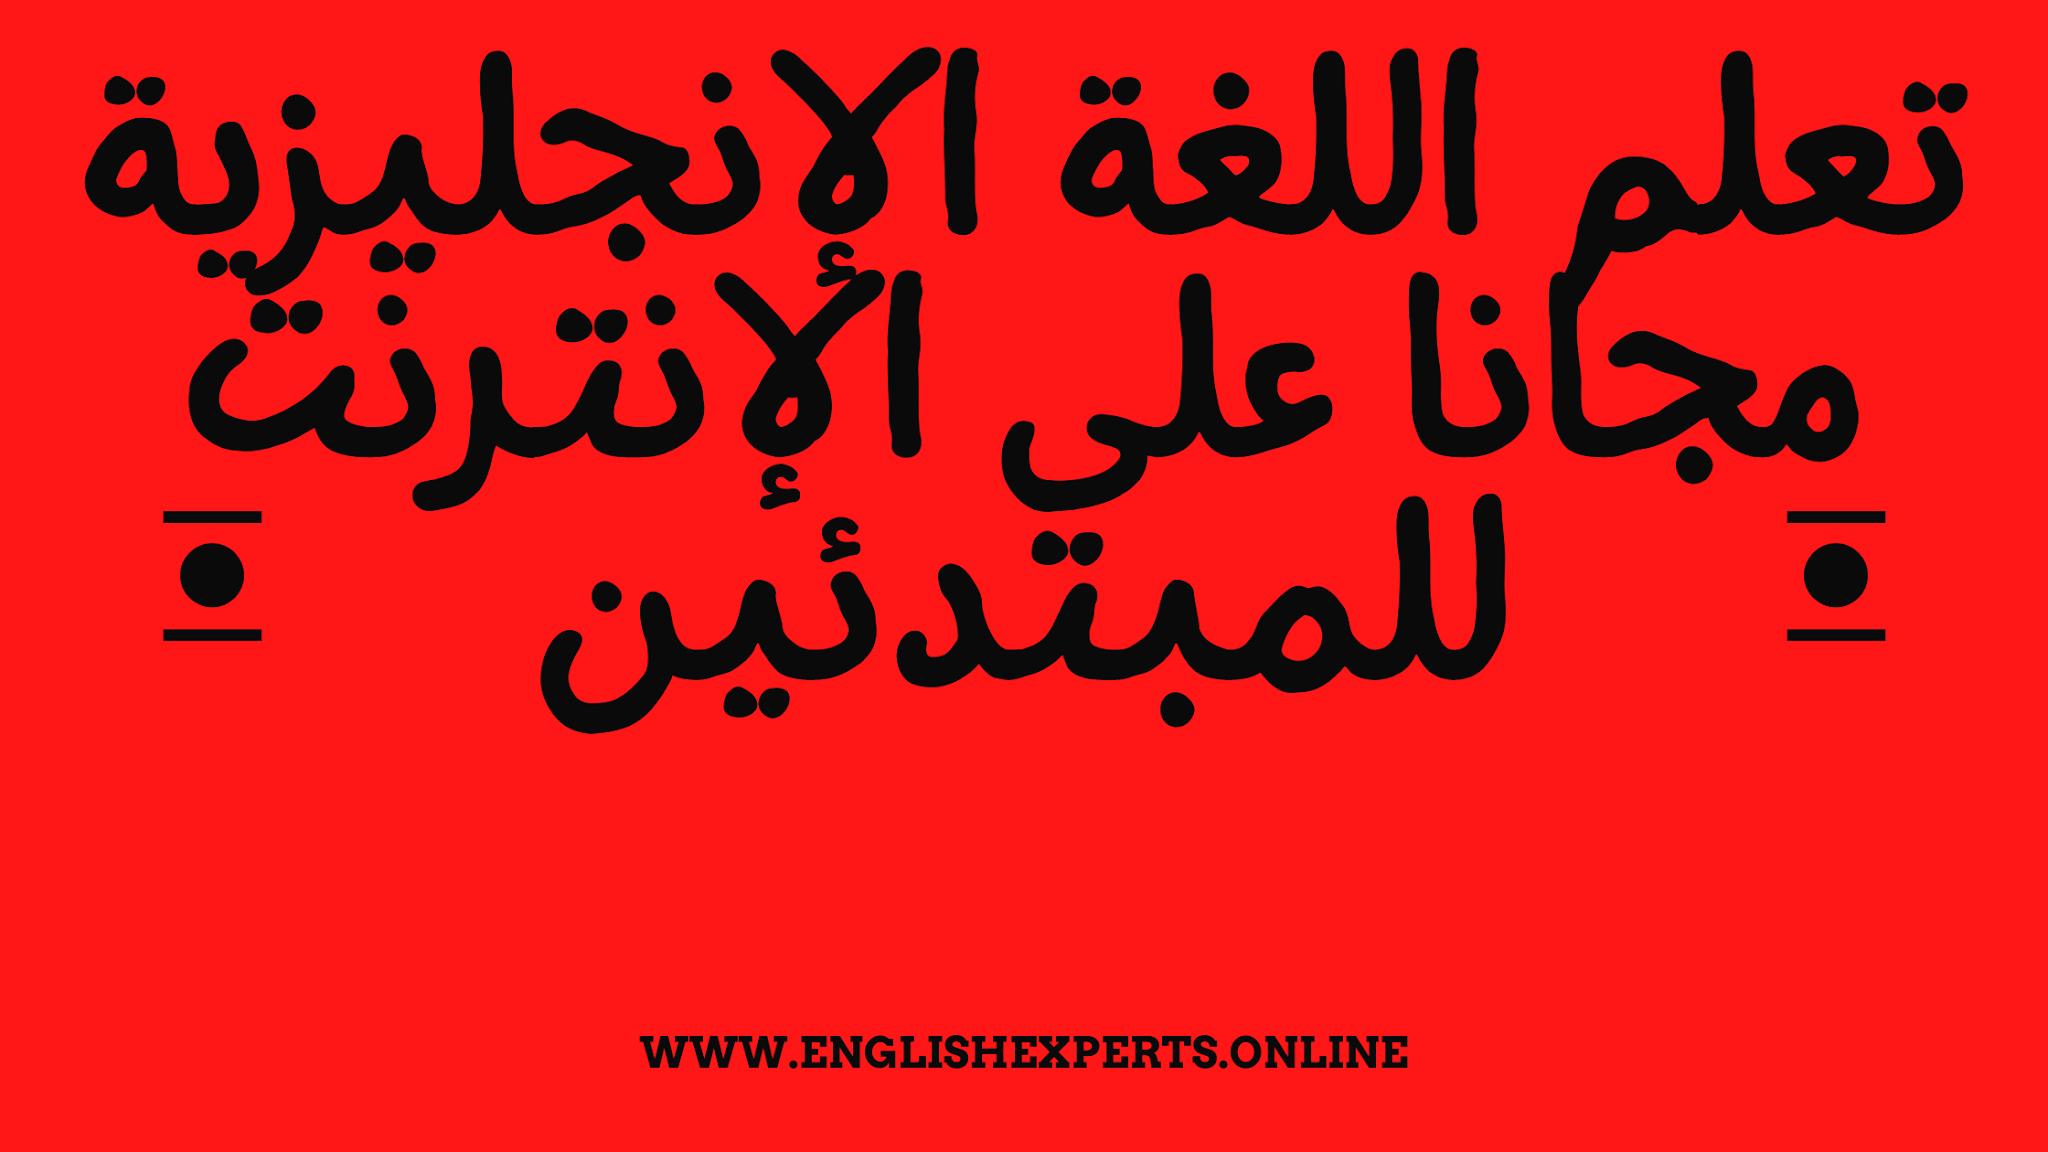 تعلم اللغة الإنجليزية مجانا على الإنترنت للمبتدئين